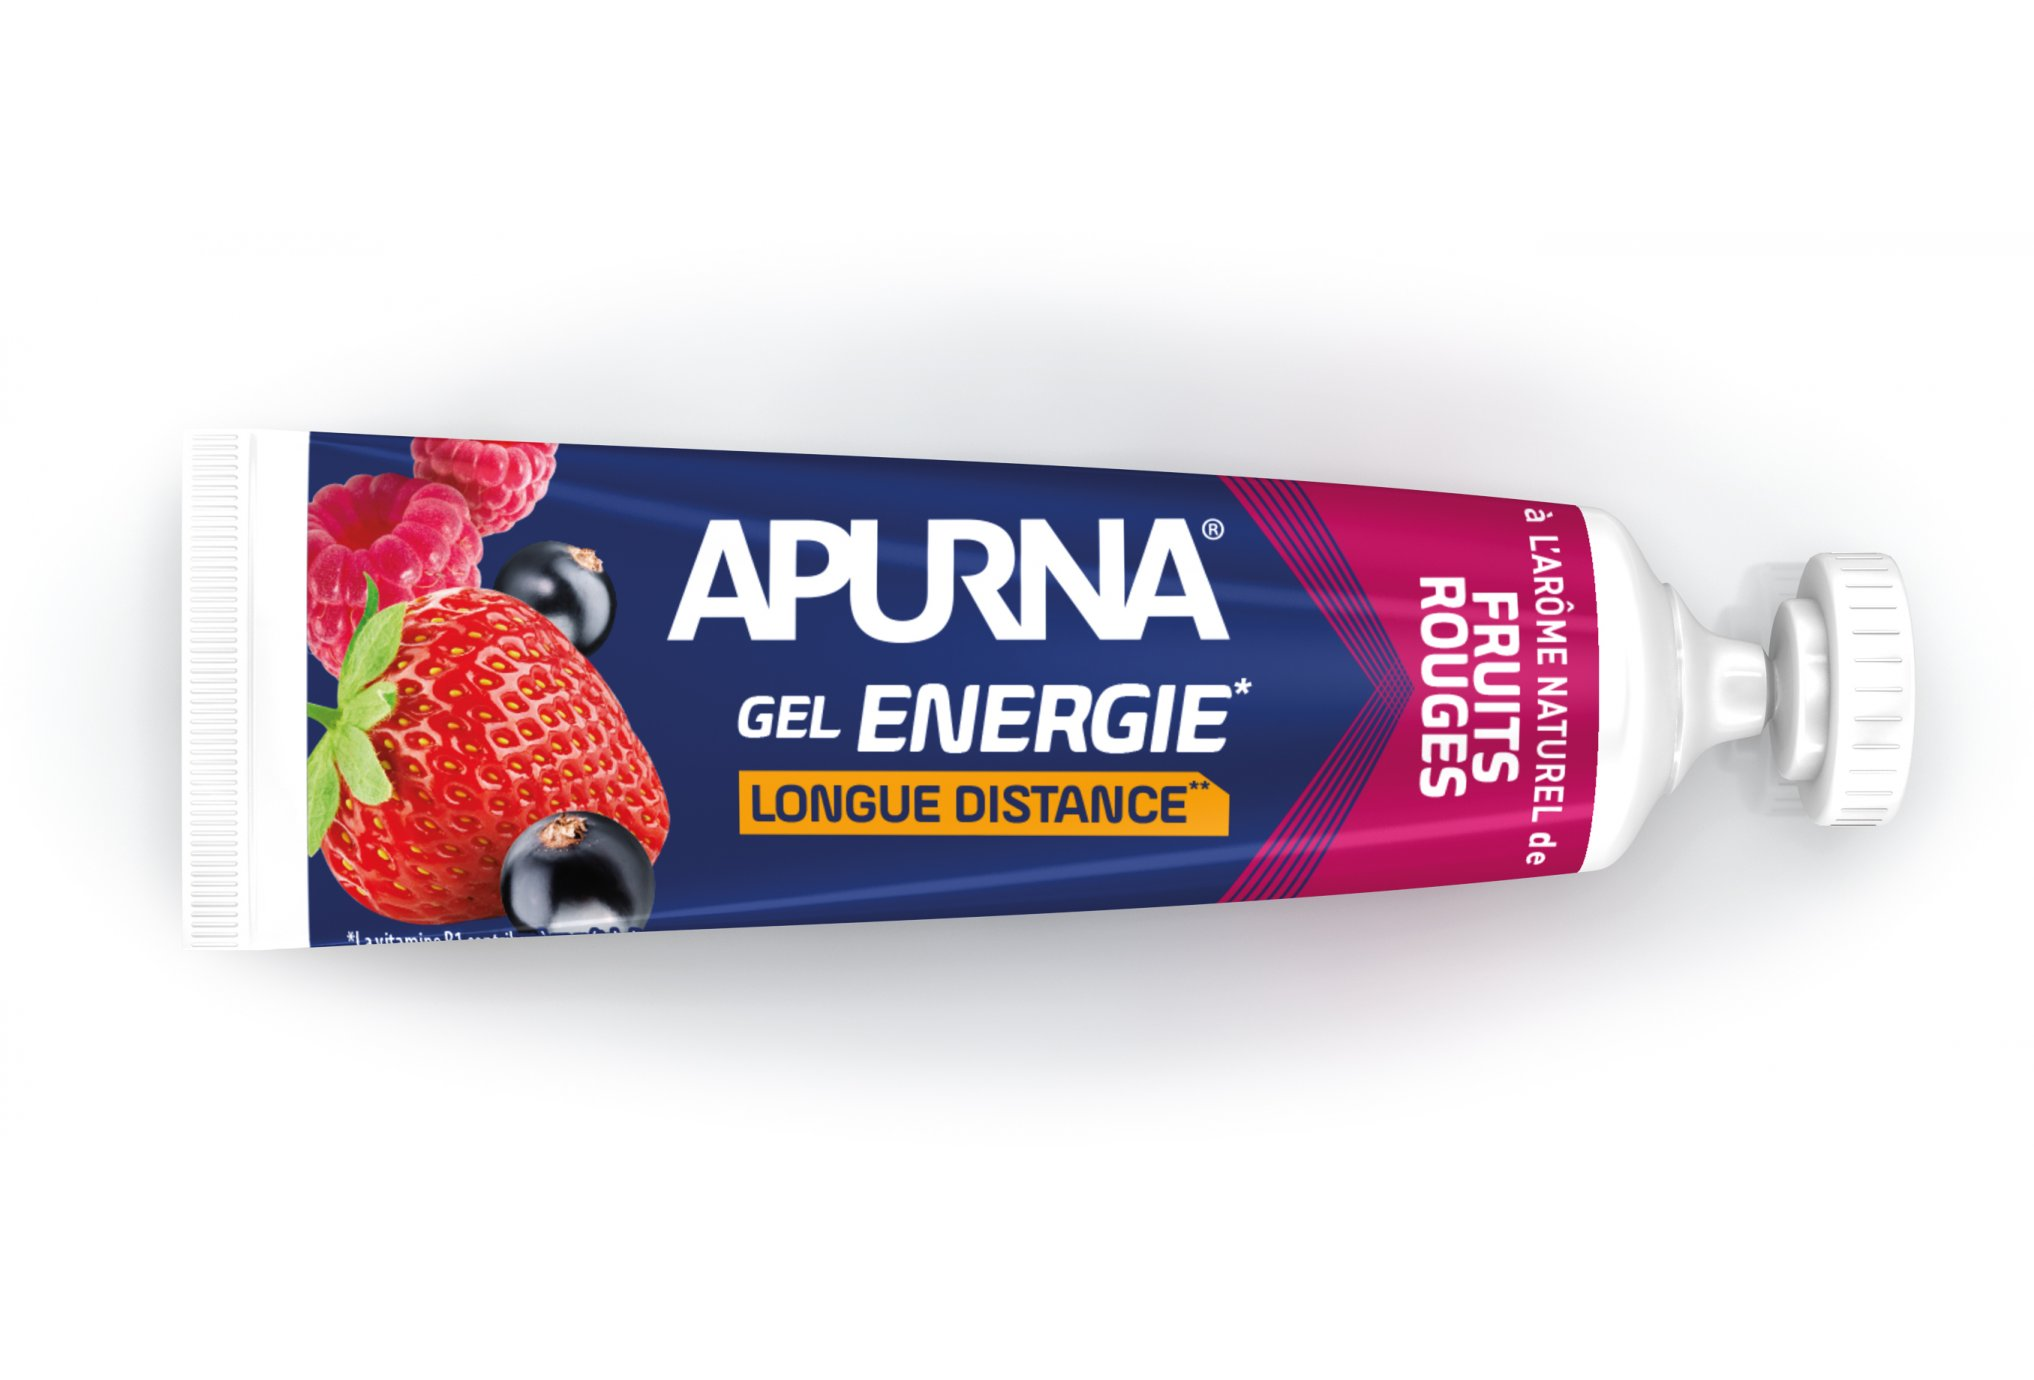 Apurna Energie longues distances - fruits rouges diététique gels